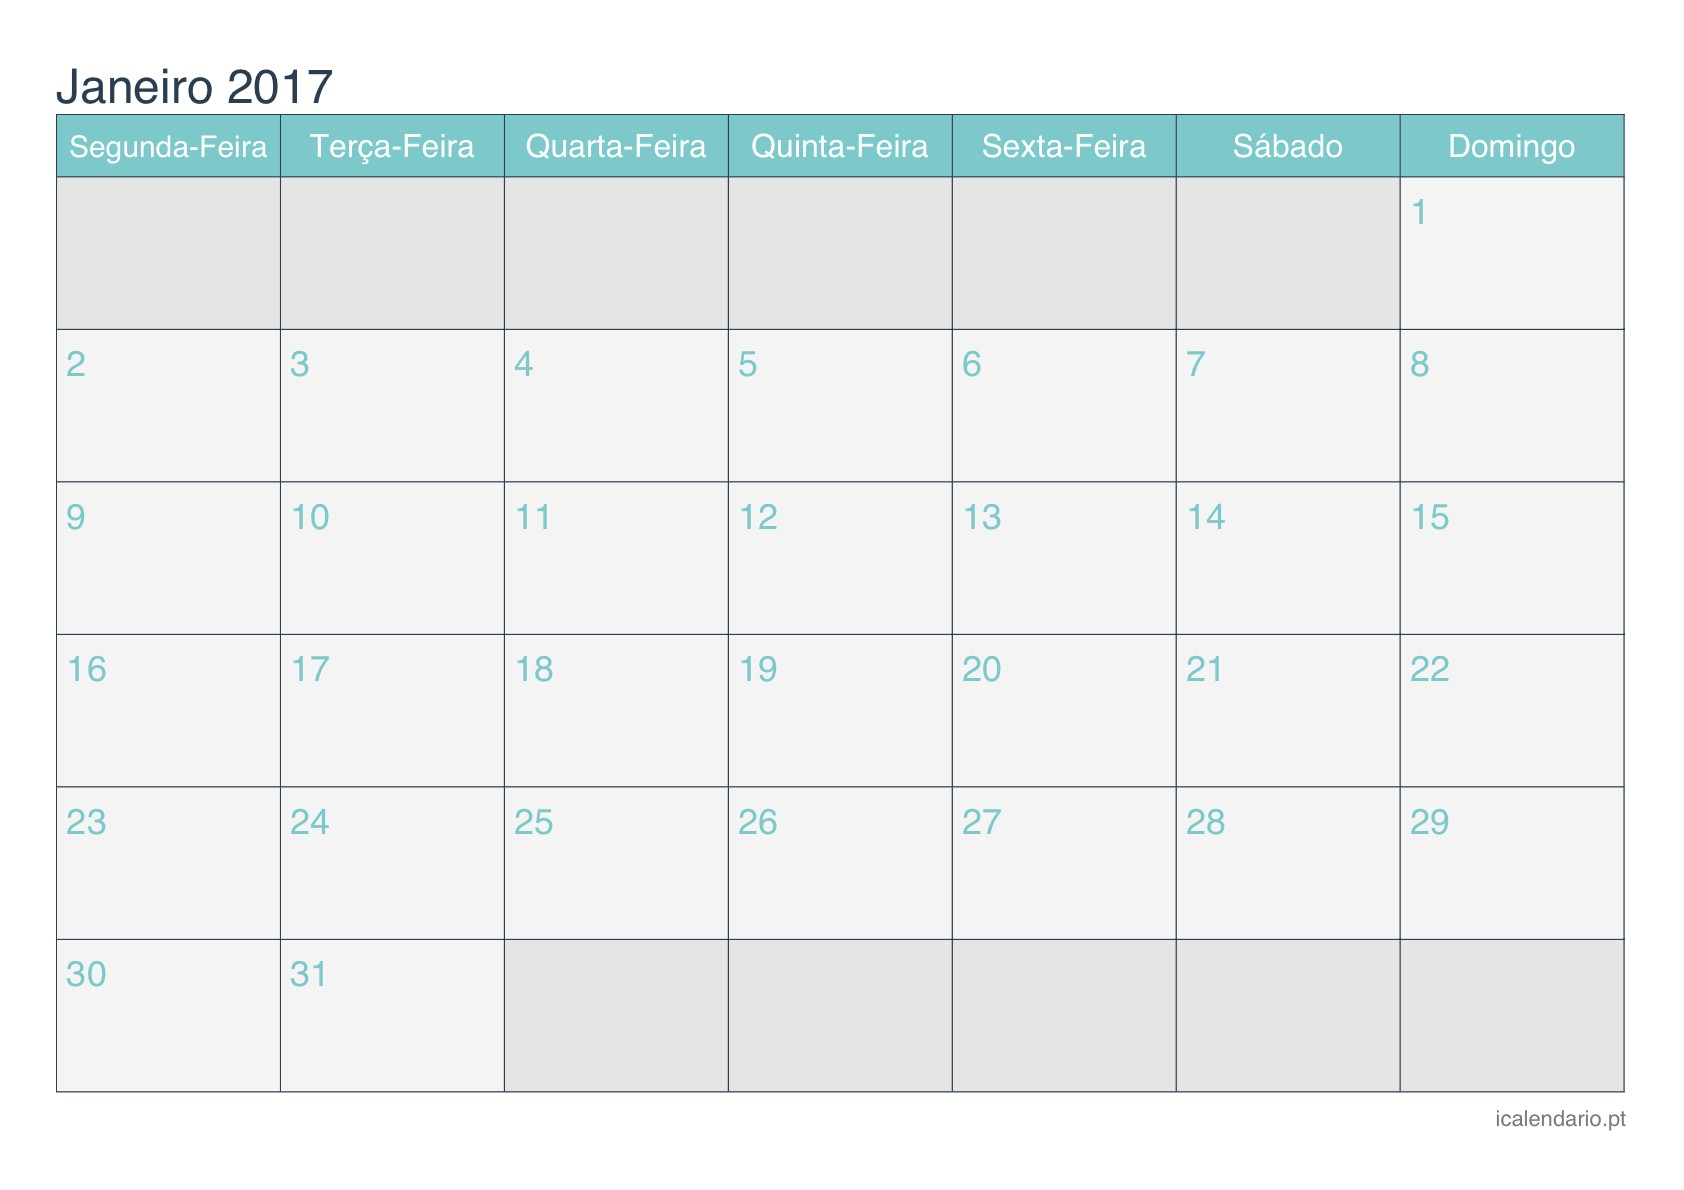 Calendario Outubro 2017 Para Imprimir Com Feriados Más Recientes Calendario Janeiro 2017 Para Imprimir Of Calendario Outubro 2017 Para Imprimir Com Feriados Actual Resultado De Imagen Para Calendario Octubre 2018 Junio